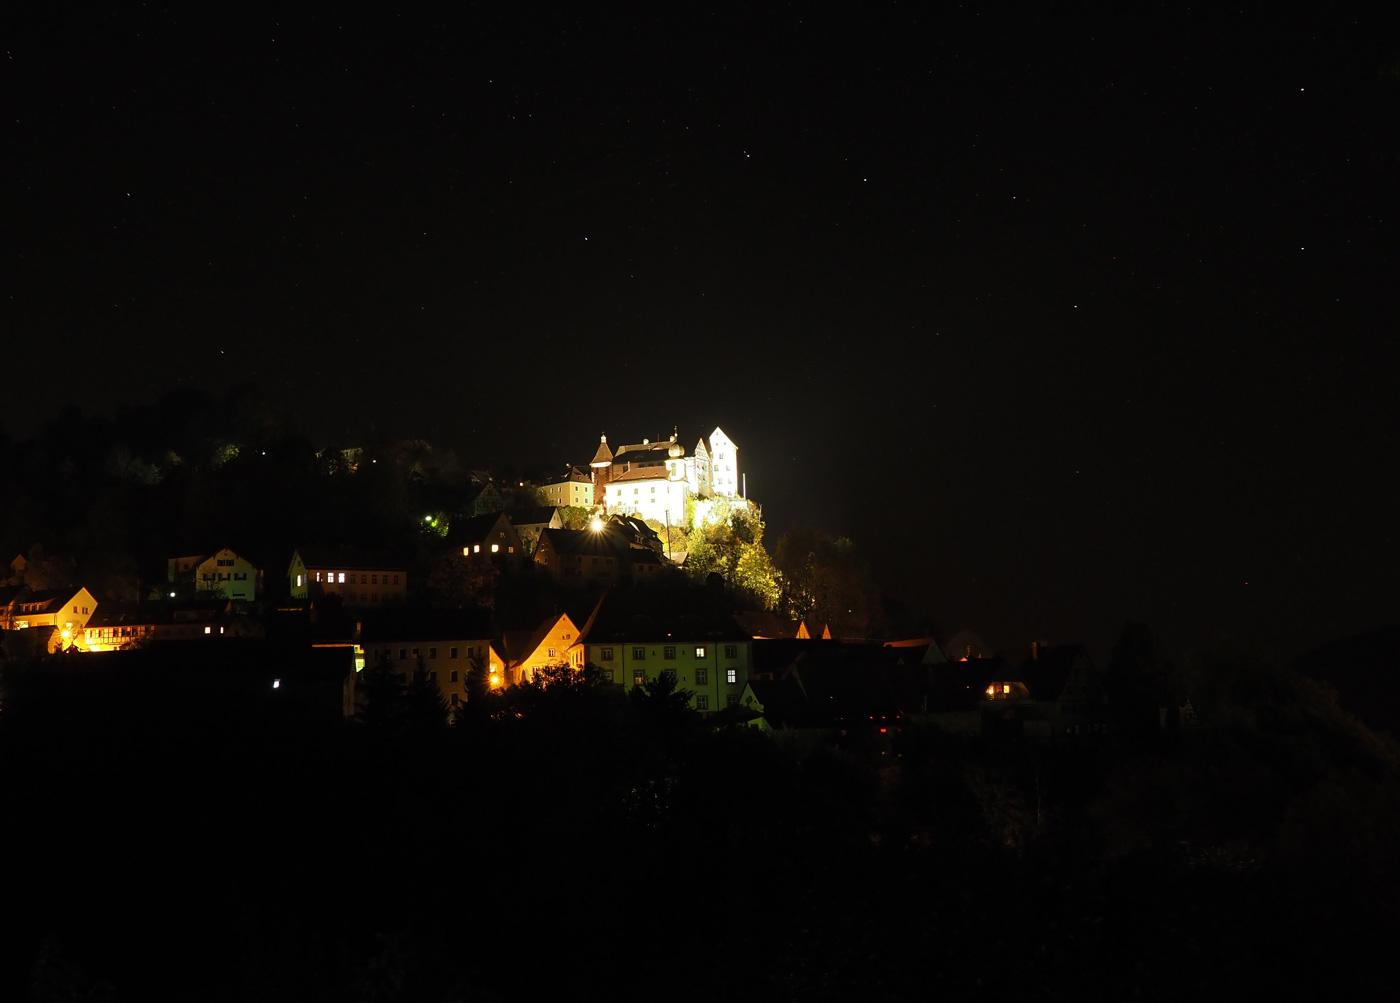 Egloffstein, Franken